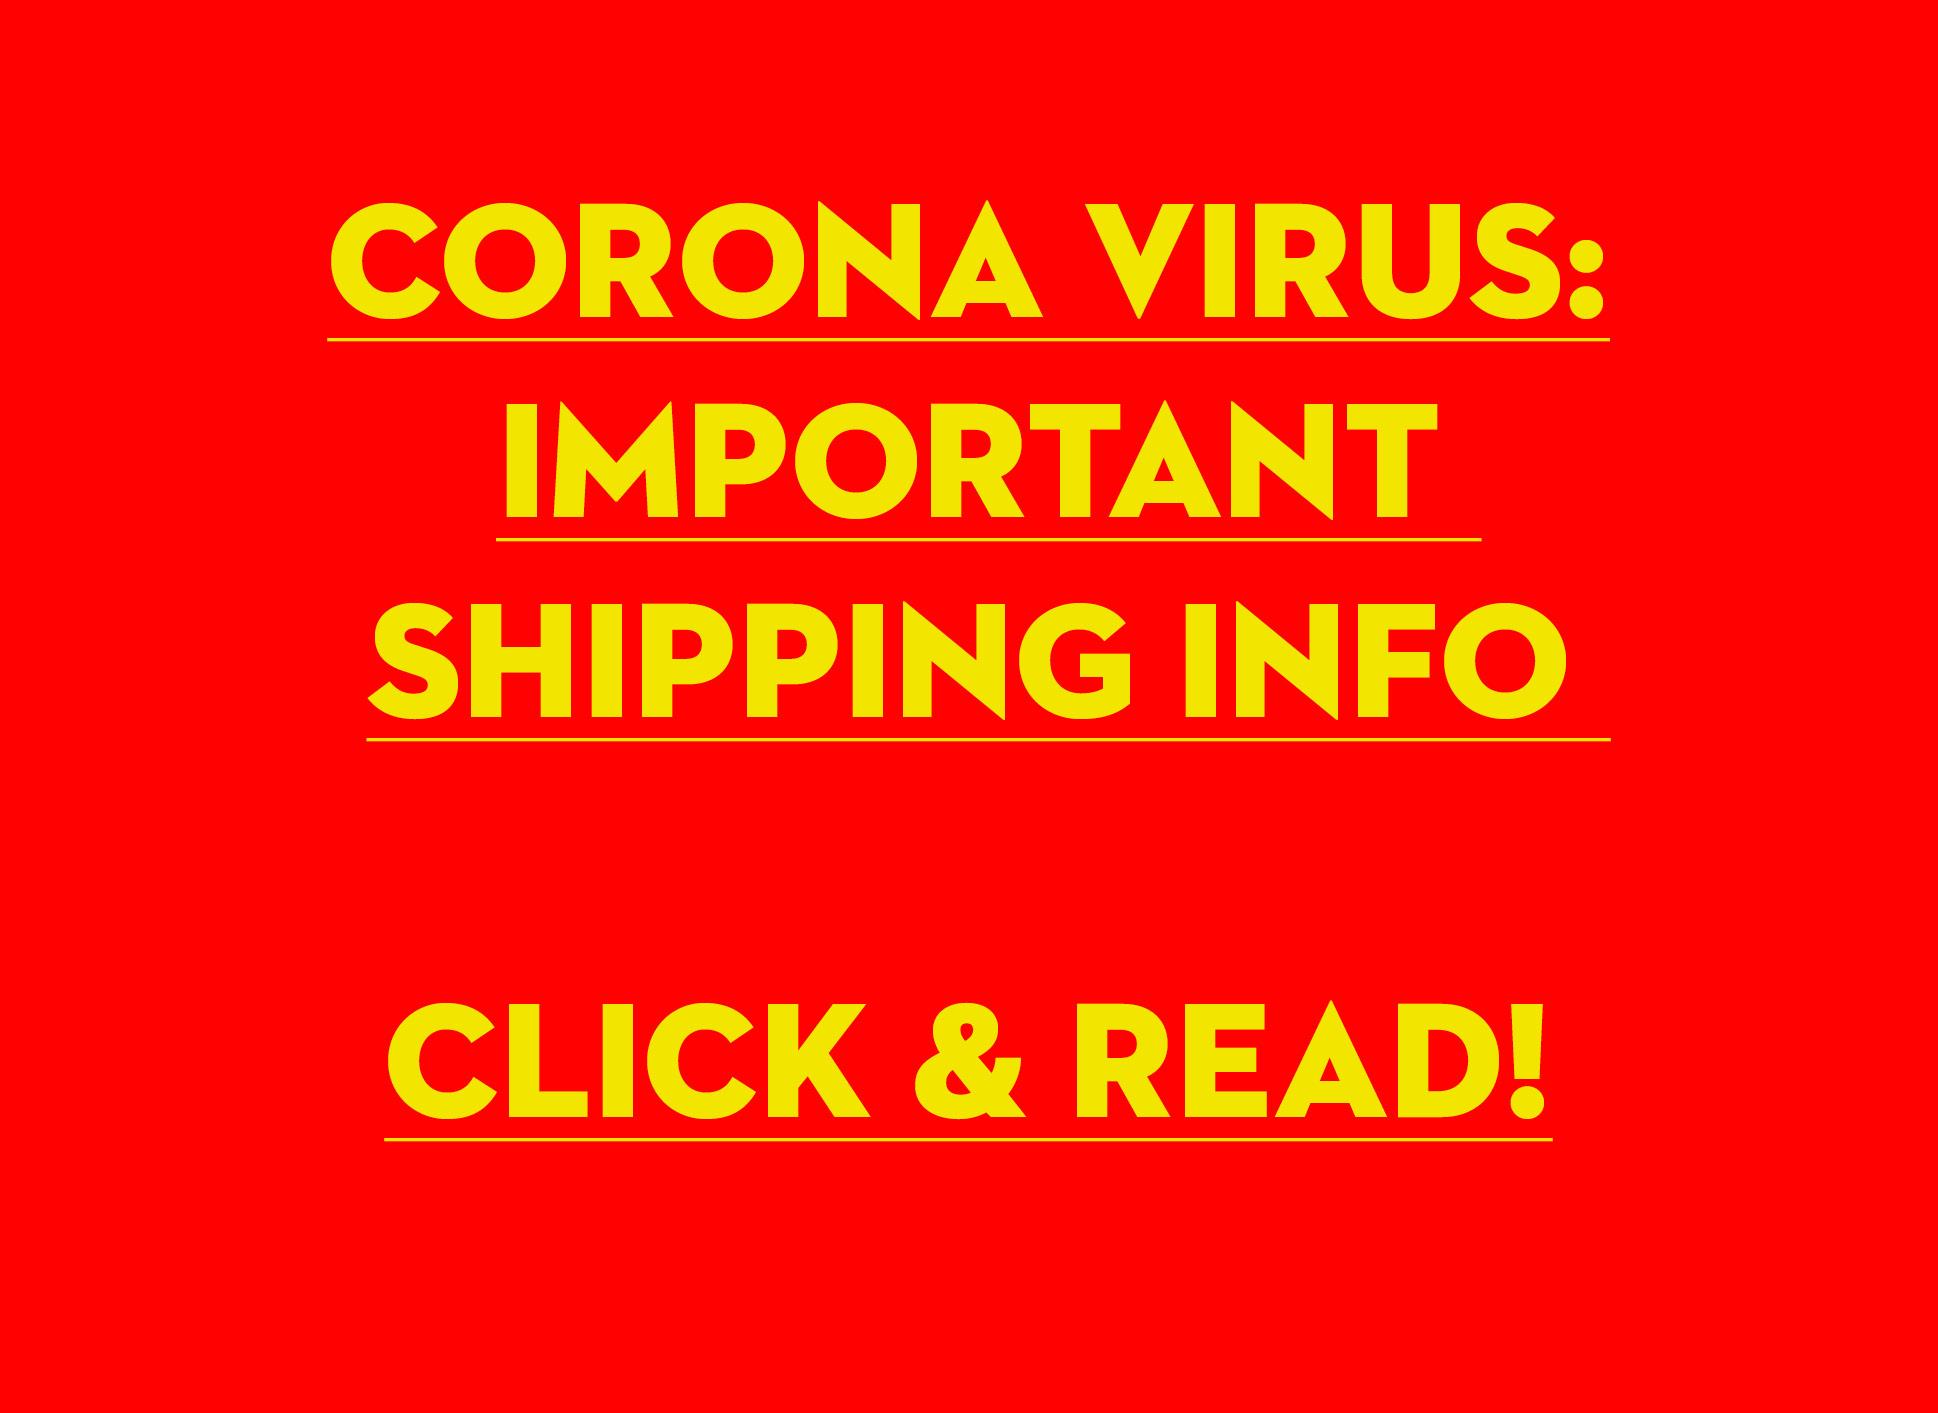 Corona Shipping Info